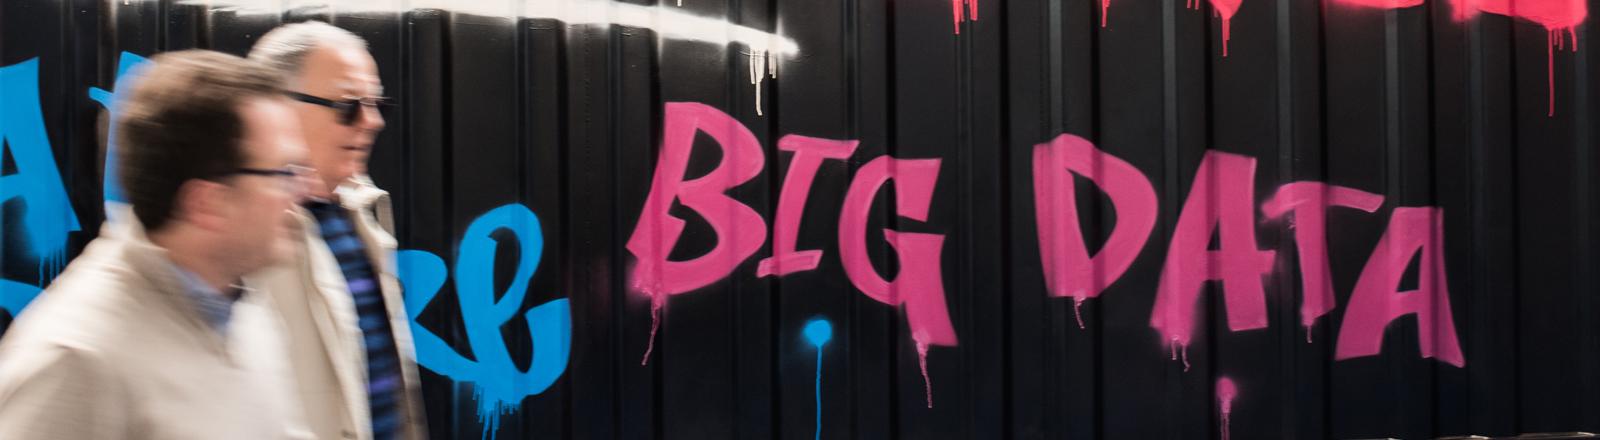 Big Data - Schriftzug als Graffiti an eine Wand geschrieben.